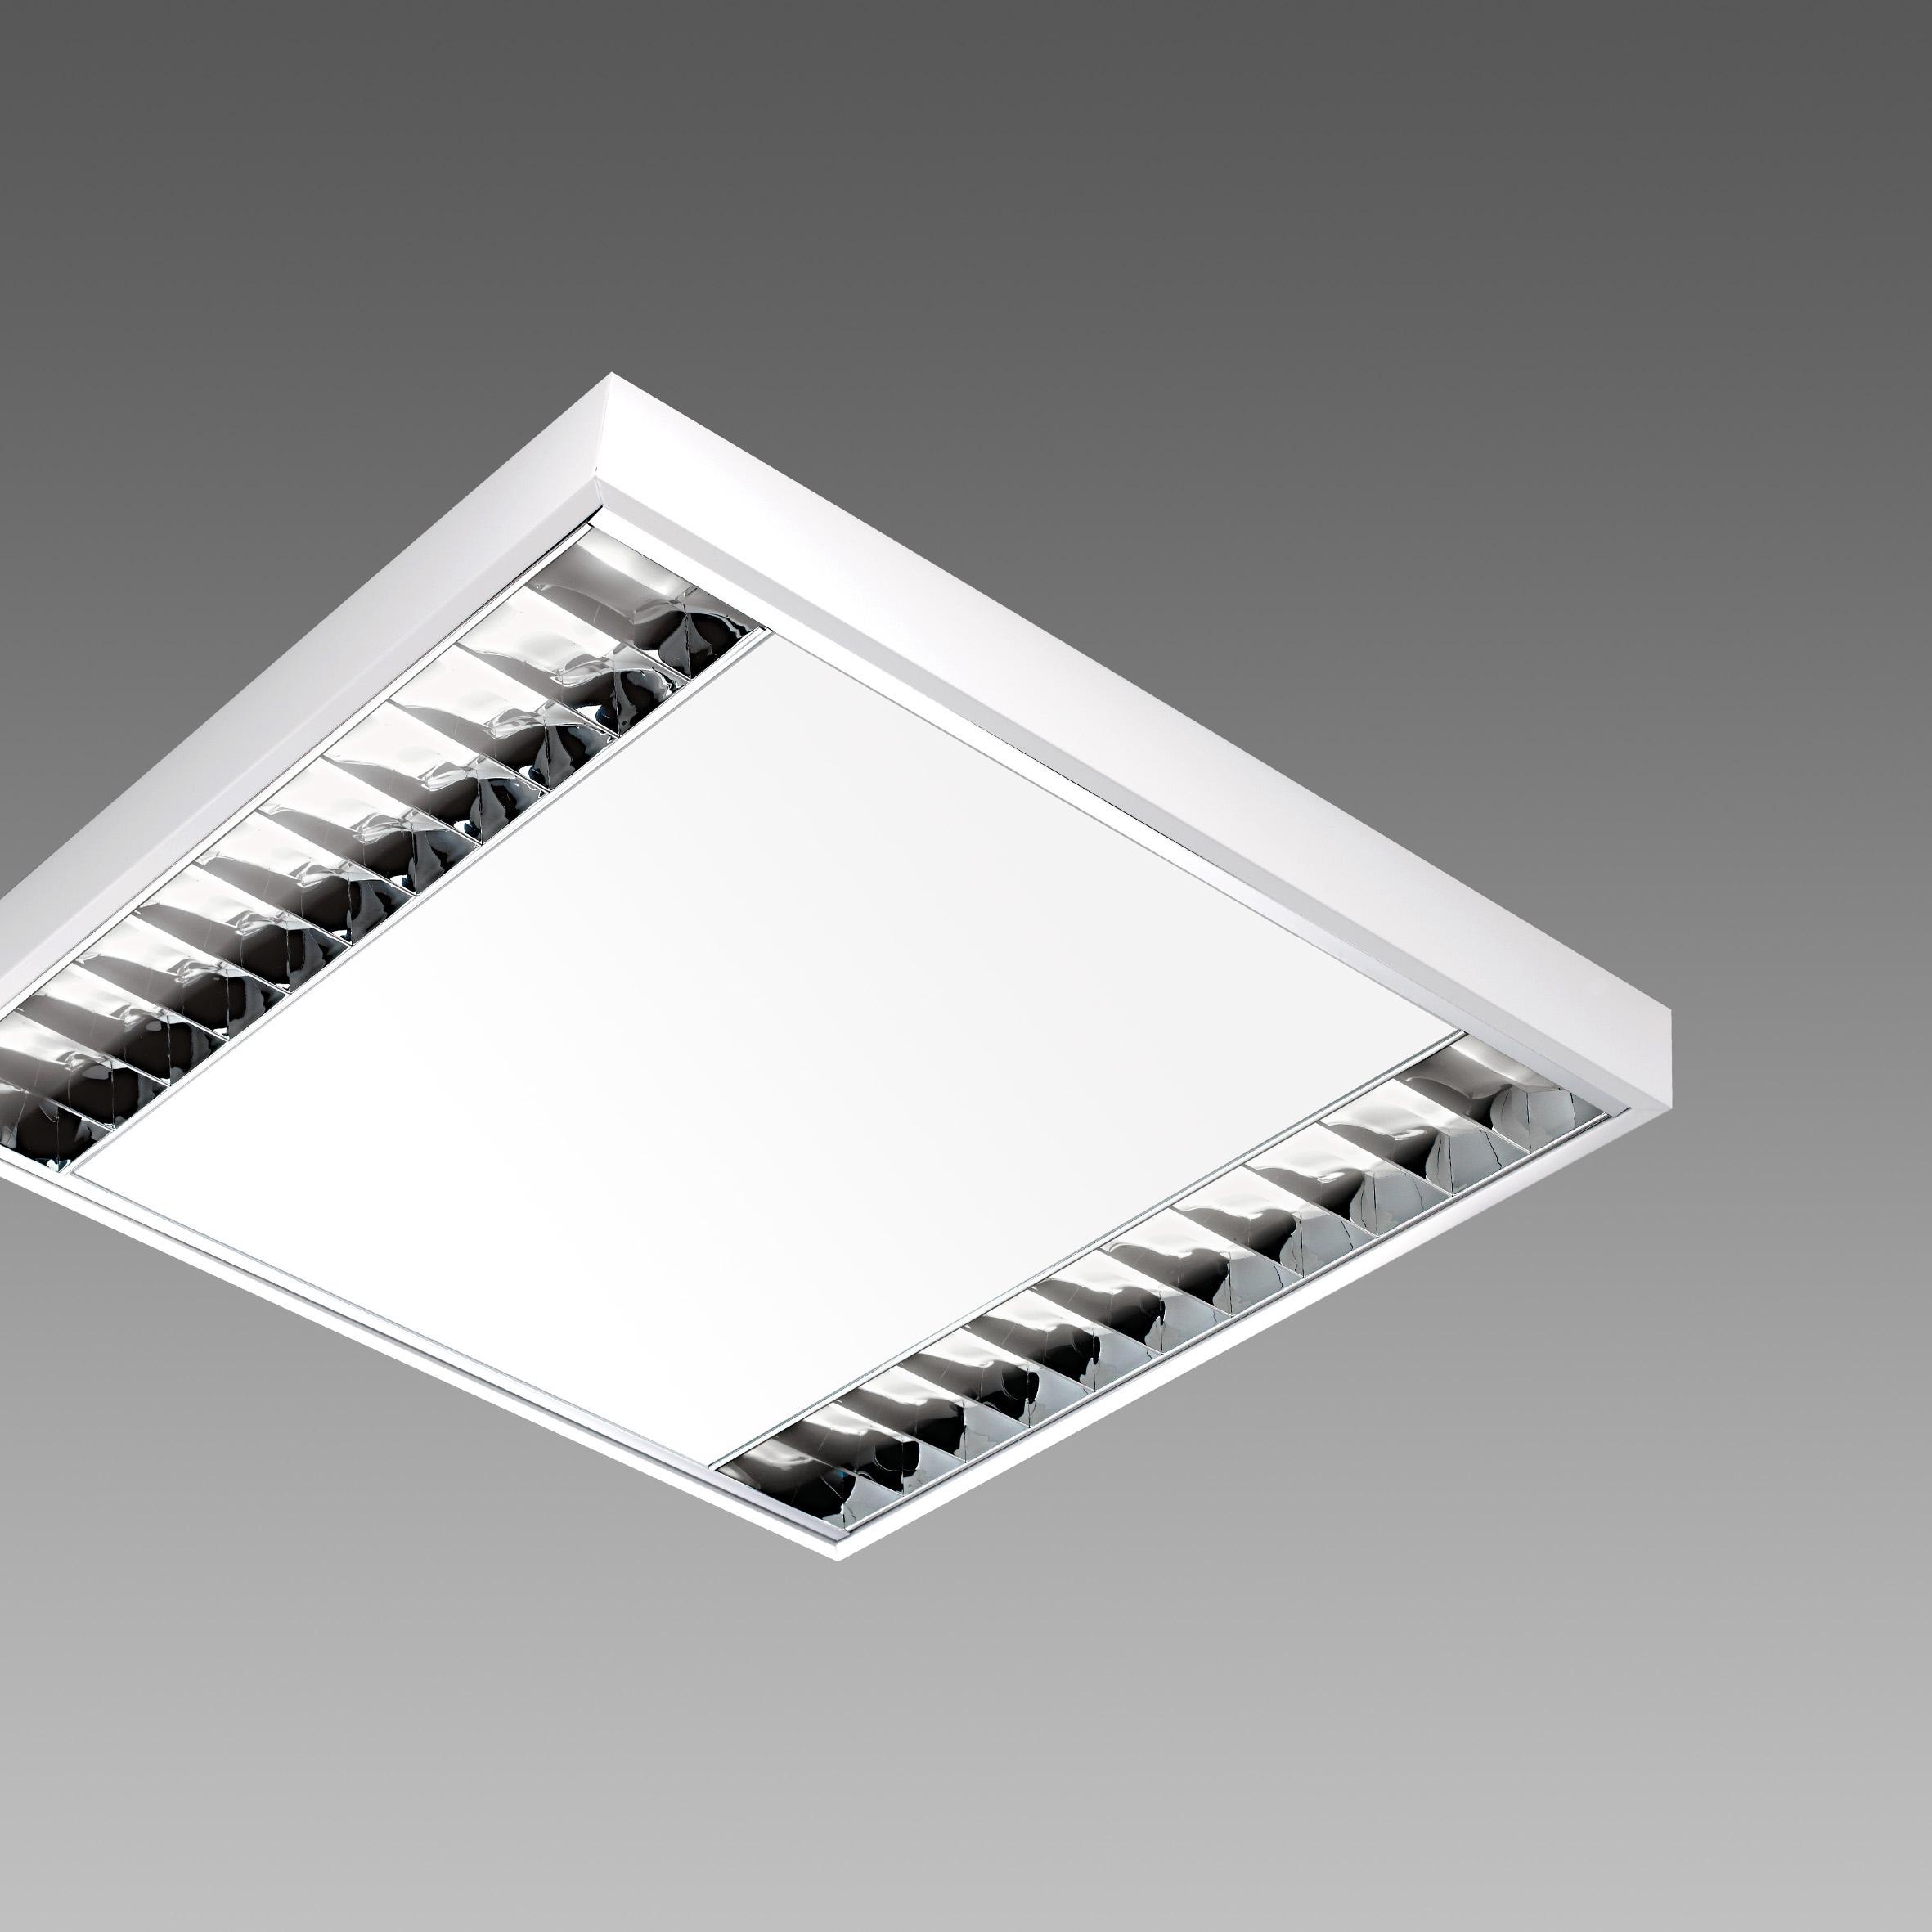 731 Minicomfort LED x2 - UGRx16.jpg